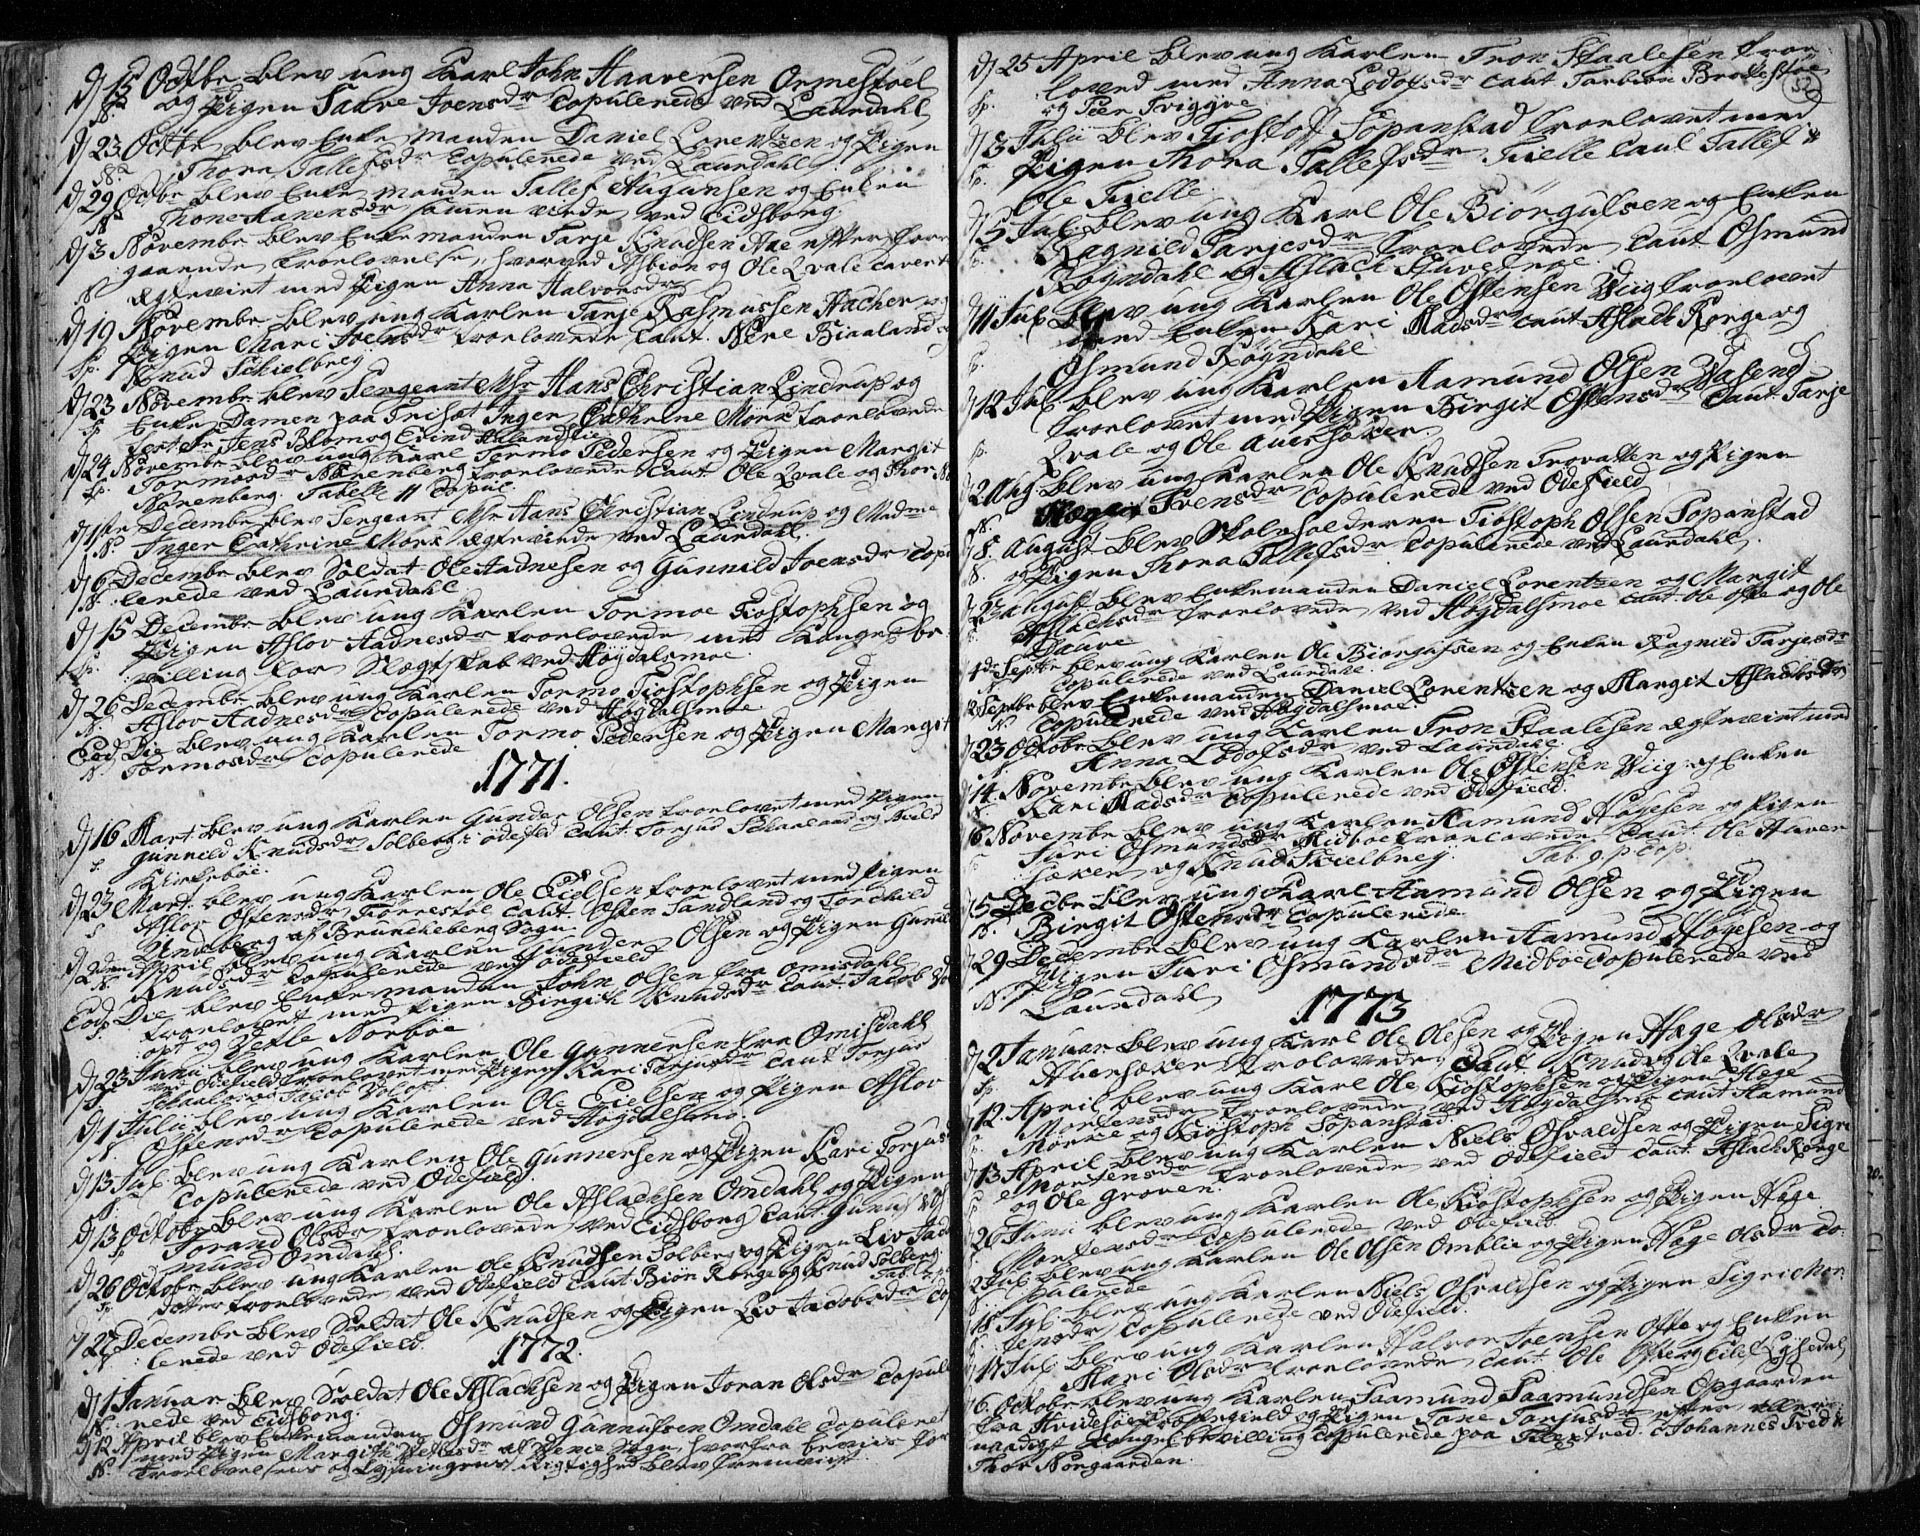 SAKO, Lårdal kirkebøker, F/Fa/L0003: Ministerialbok nr. I 3, 1754-1790, s. 52